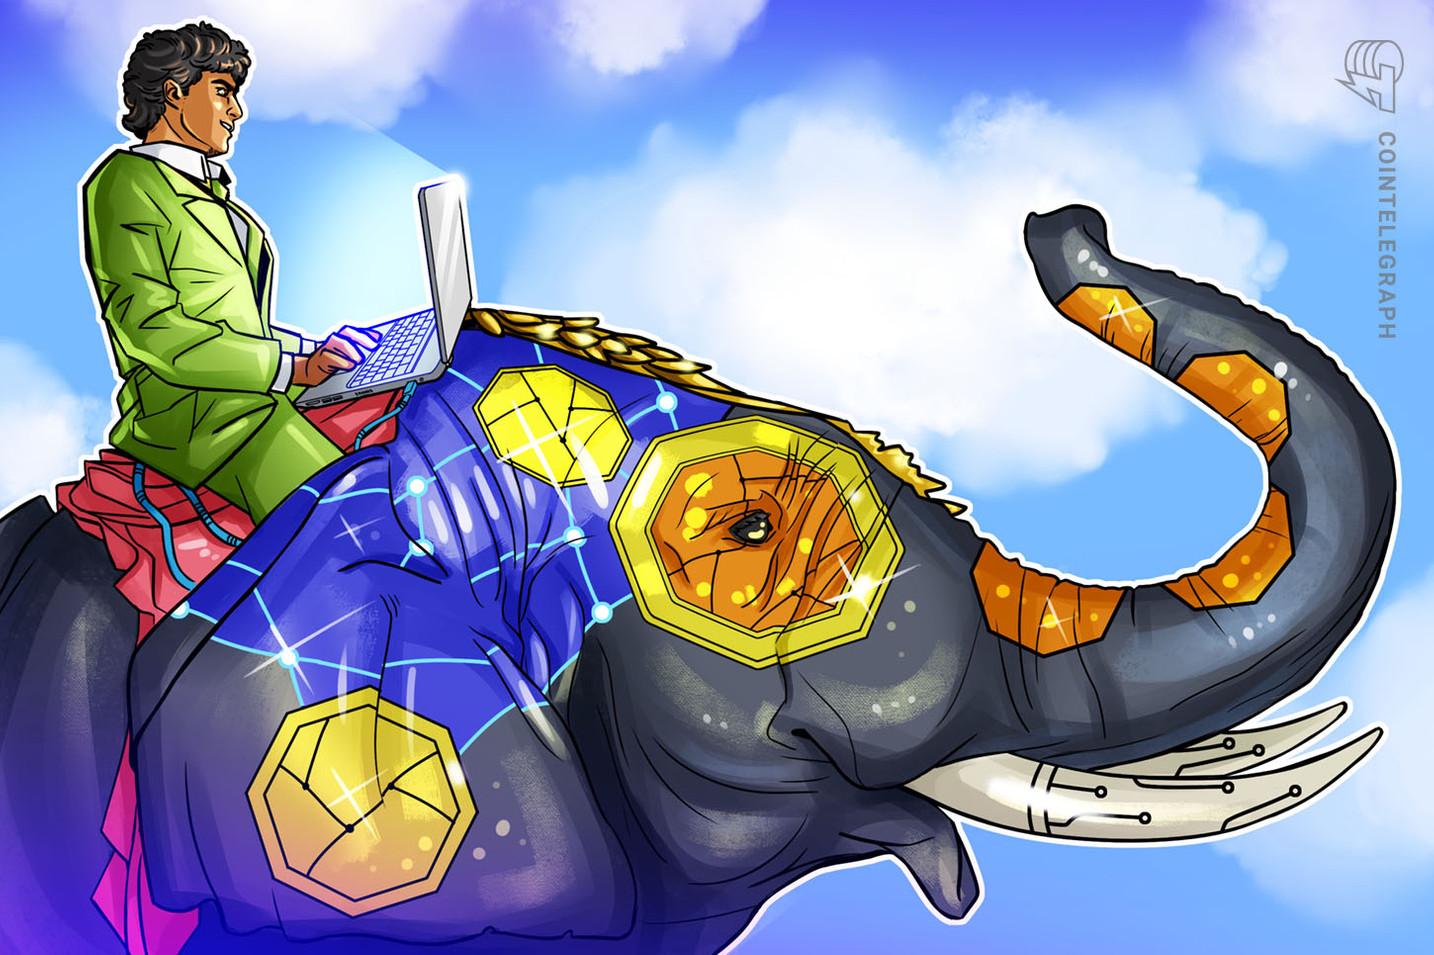 Gli investitori indiani hanno difficoltà ad accedere alle crypto, svela un sondaggio